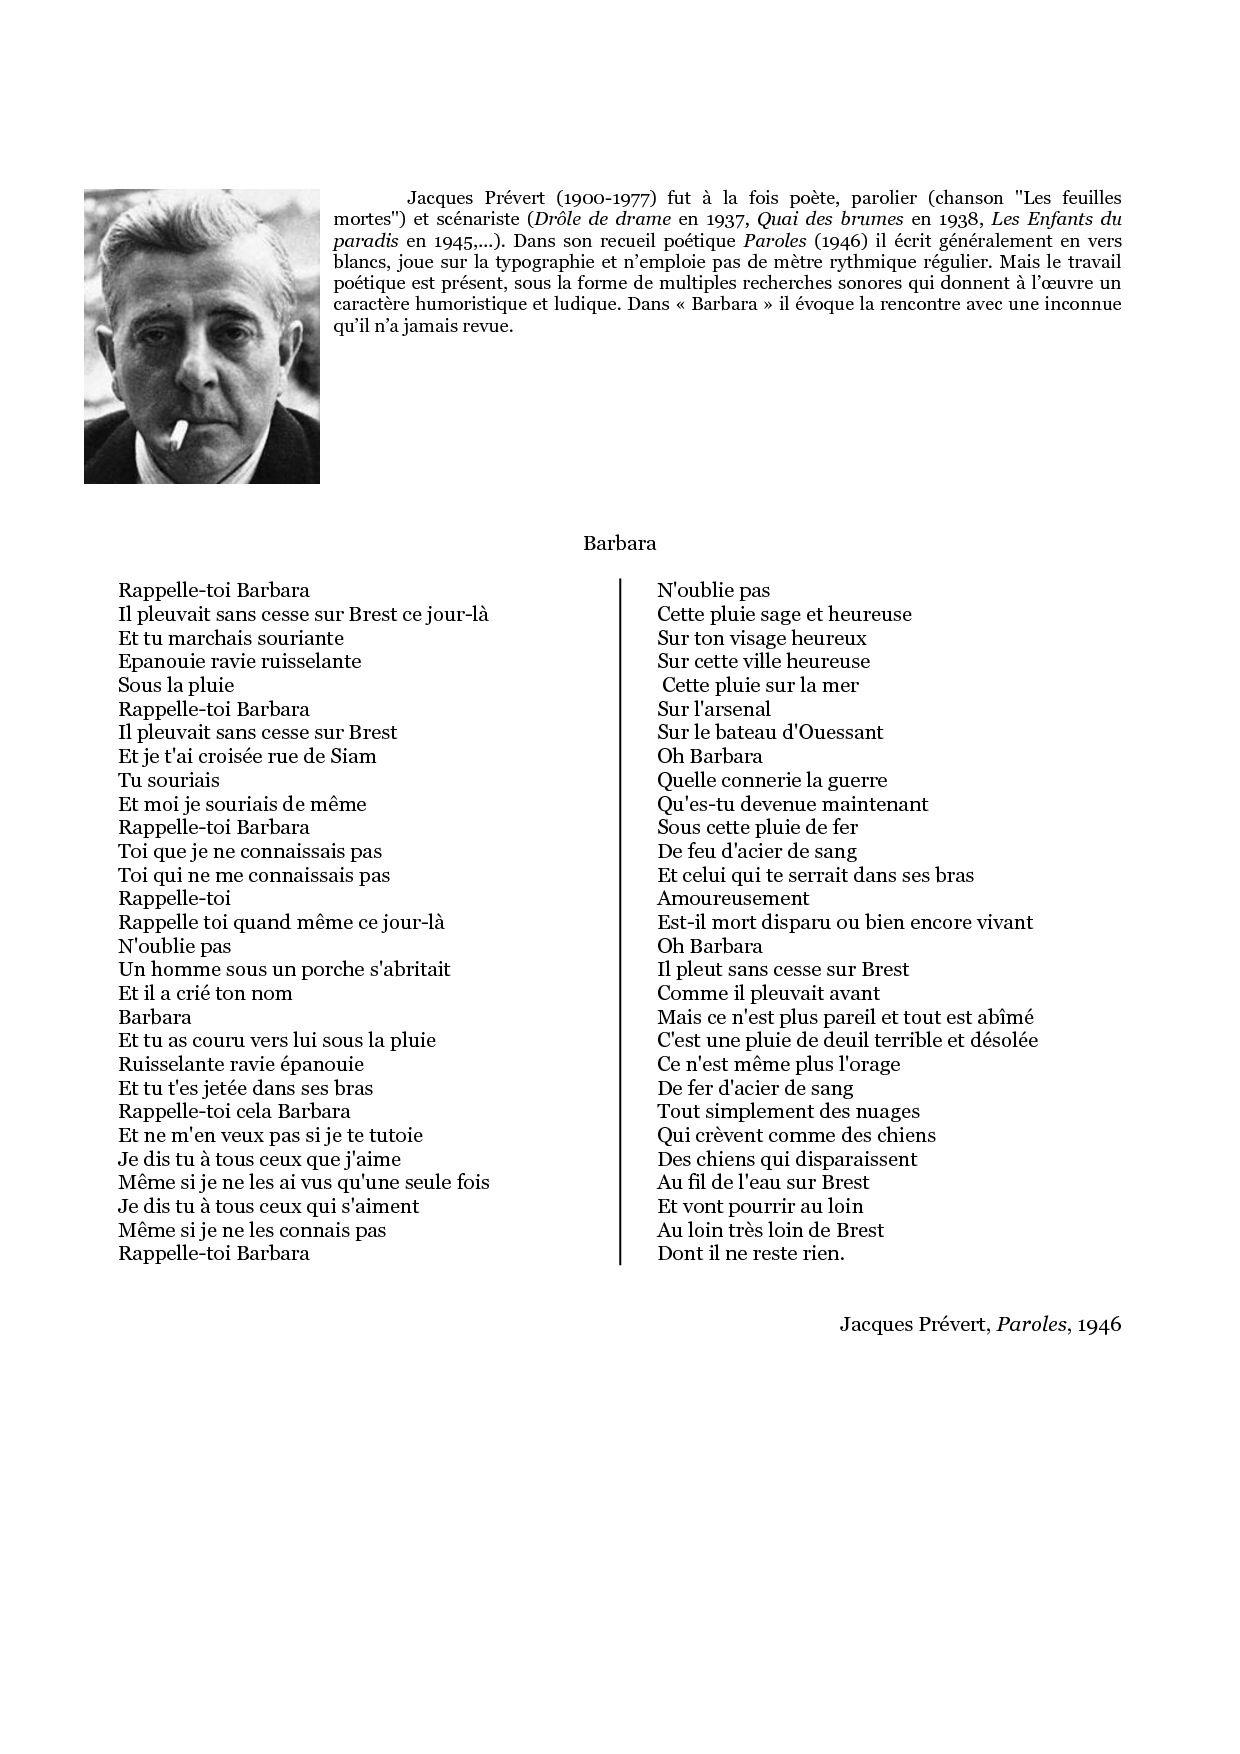 Barbara Poème De Jacques Prevert. Plein De Souvenirs à Poeme De Jacque Prevert